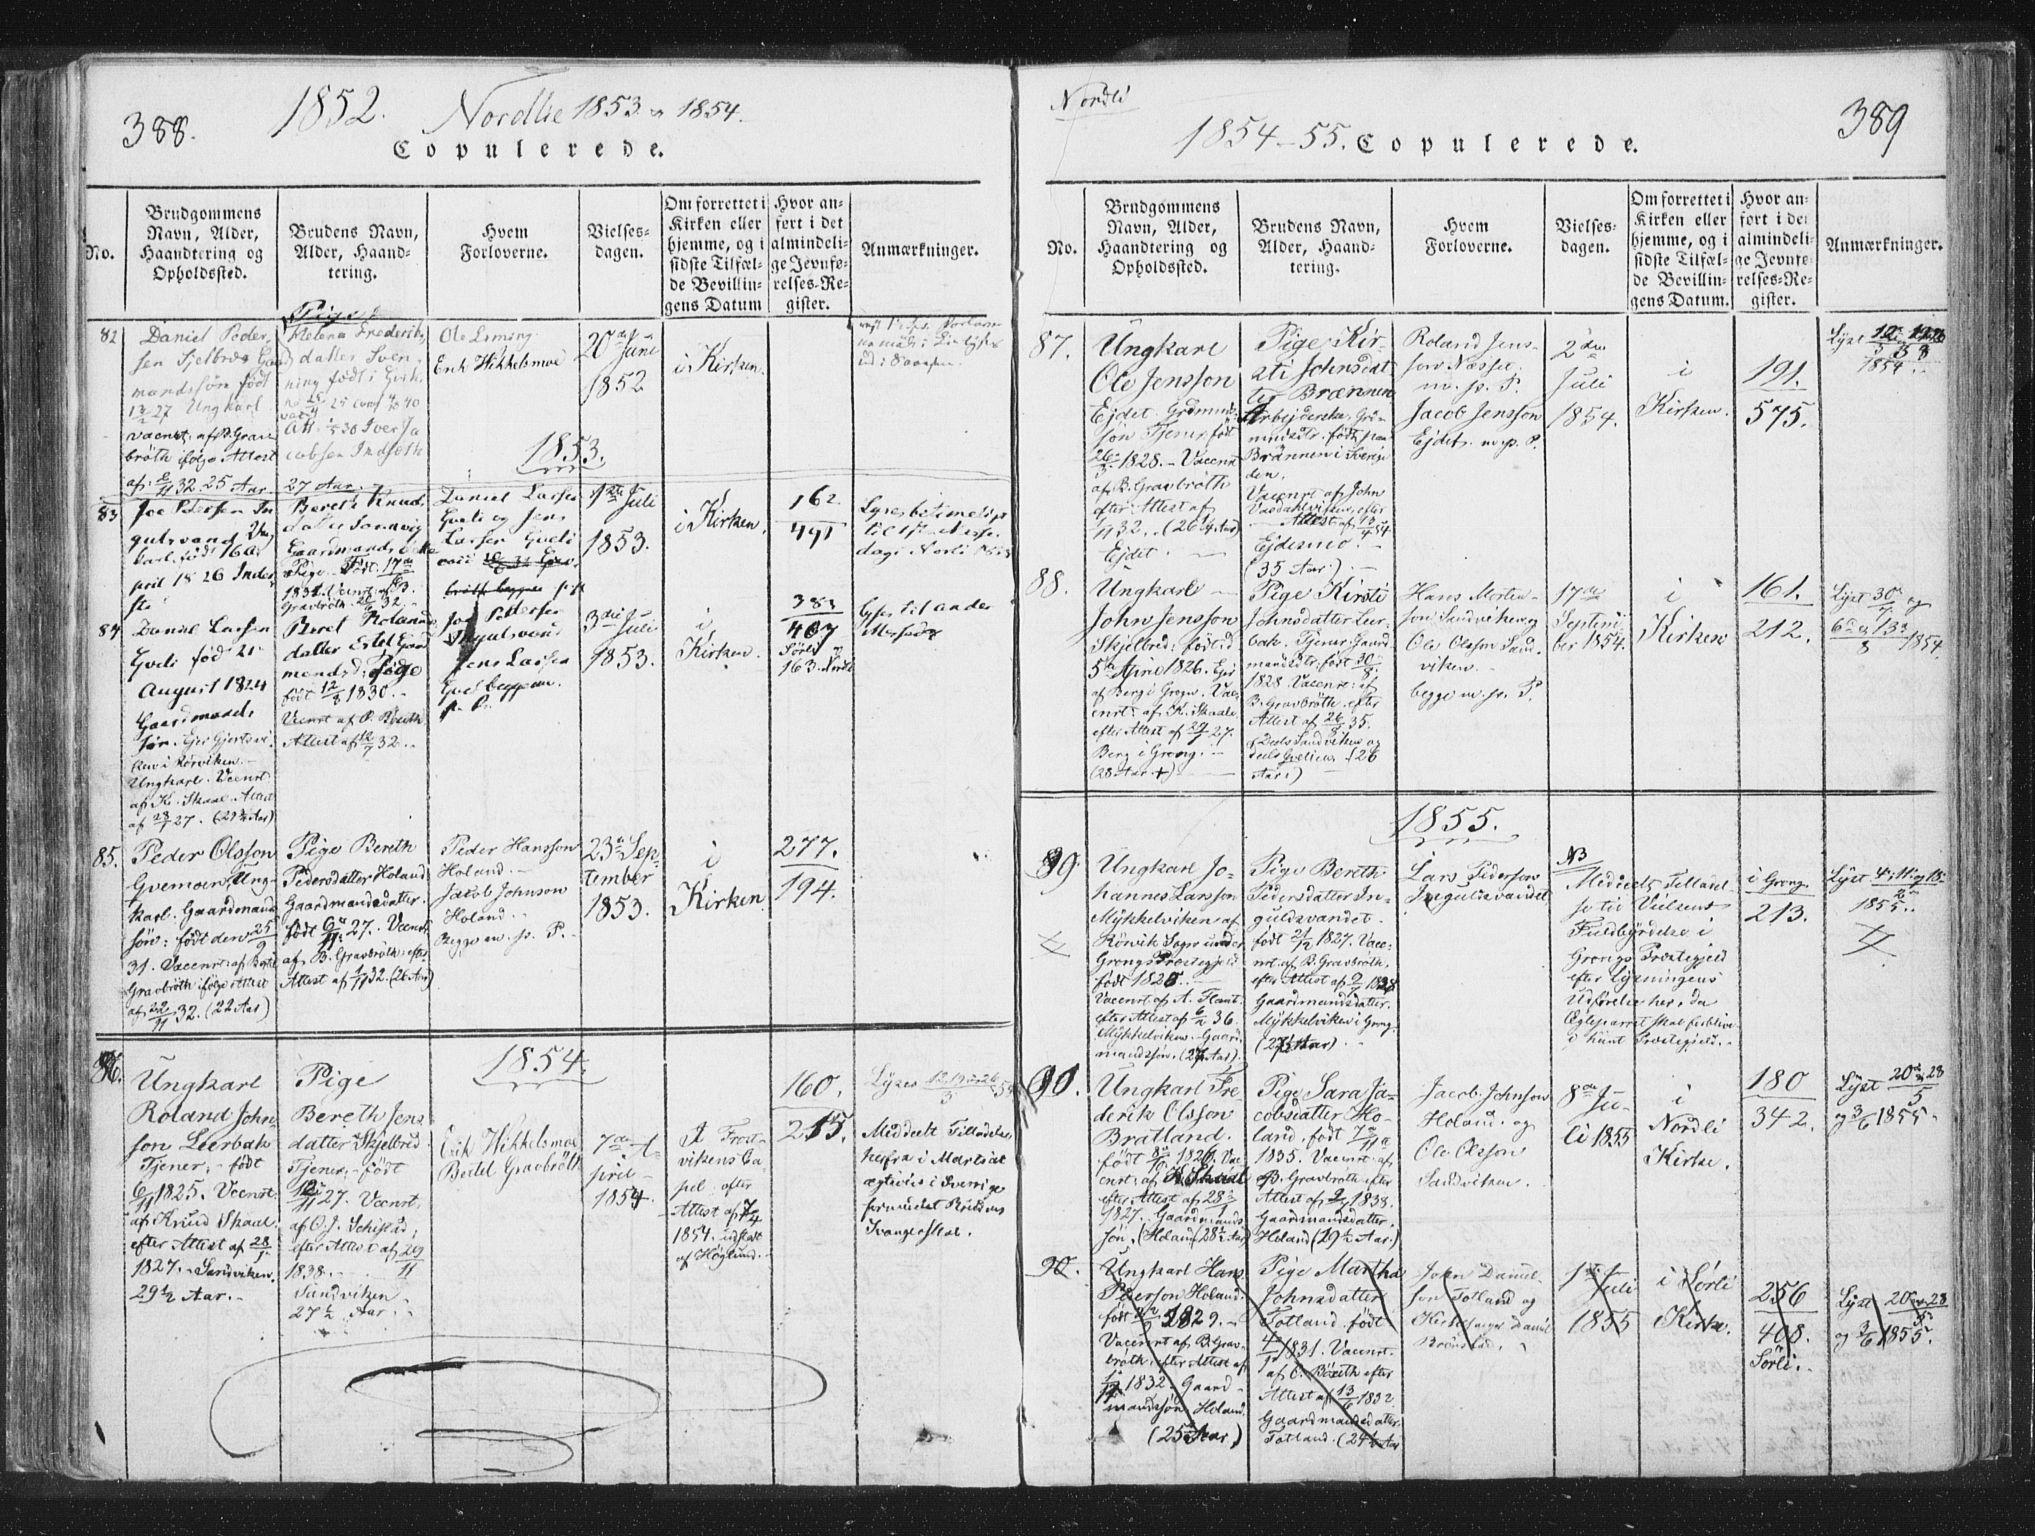 SAT, Ministerialprotokoller, klokkerbøker og fødselsregistre - Nord-Trøndelag, 755/L0491: Ministerialbok nr. 755A01 /1, 1817-1864, s. 388-389